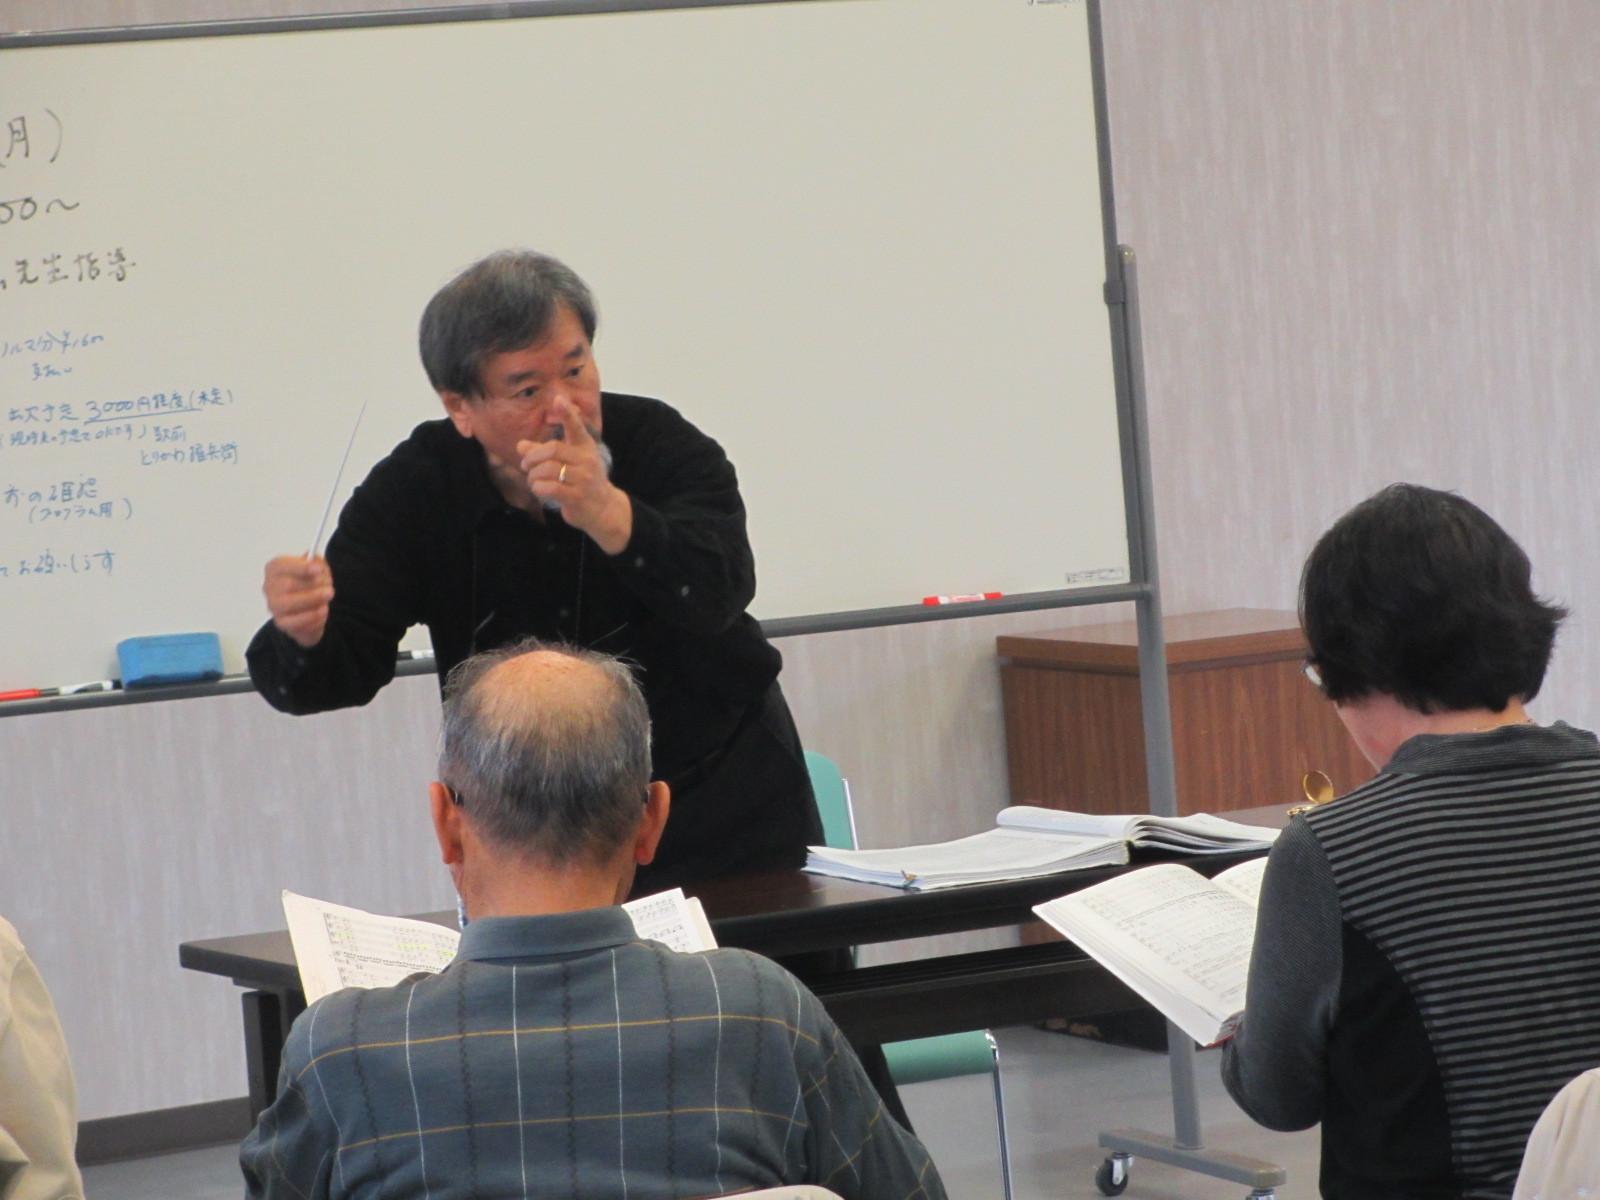 宗教音楽の大家内田先生のにこやかながら深いご指導